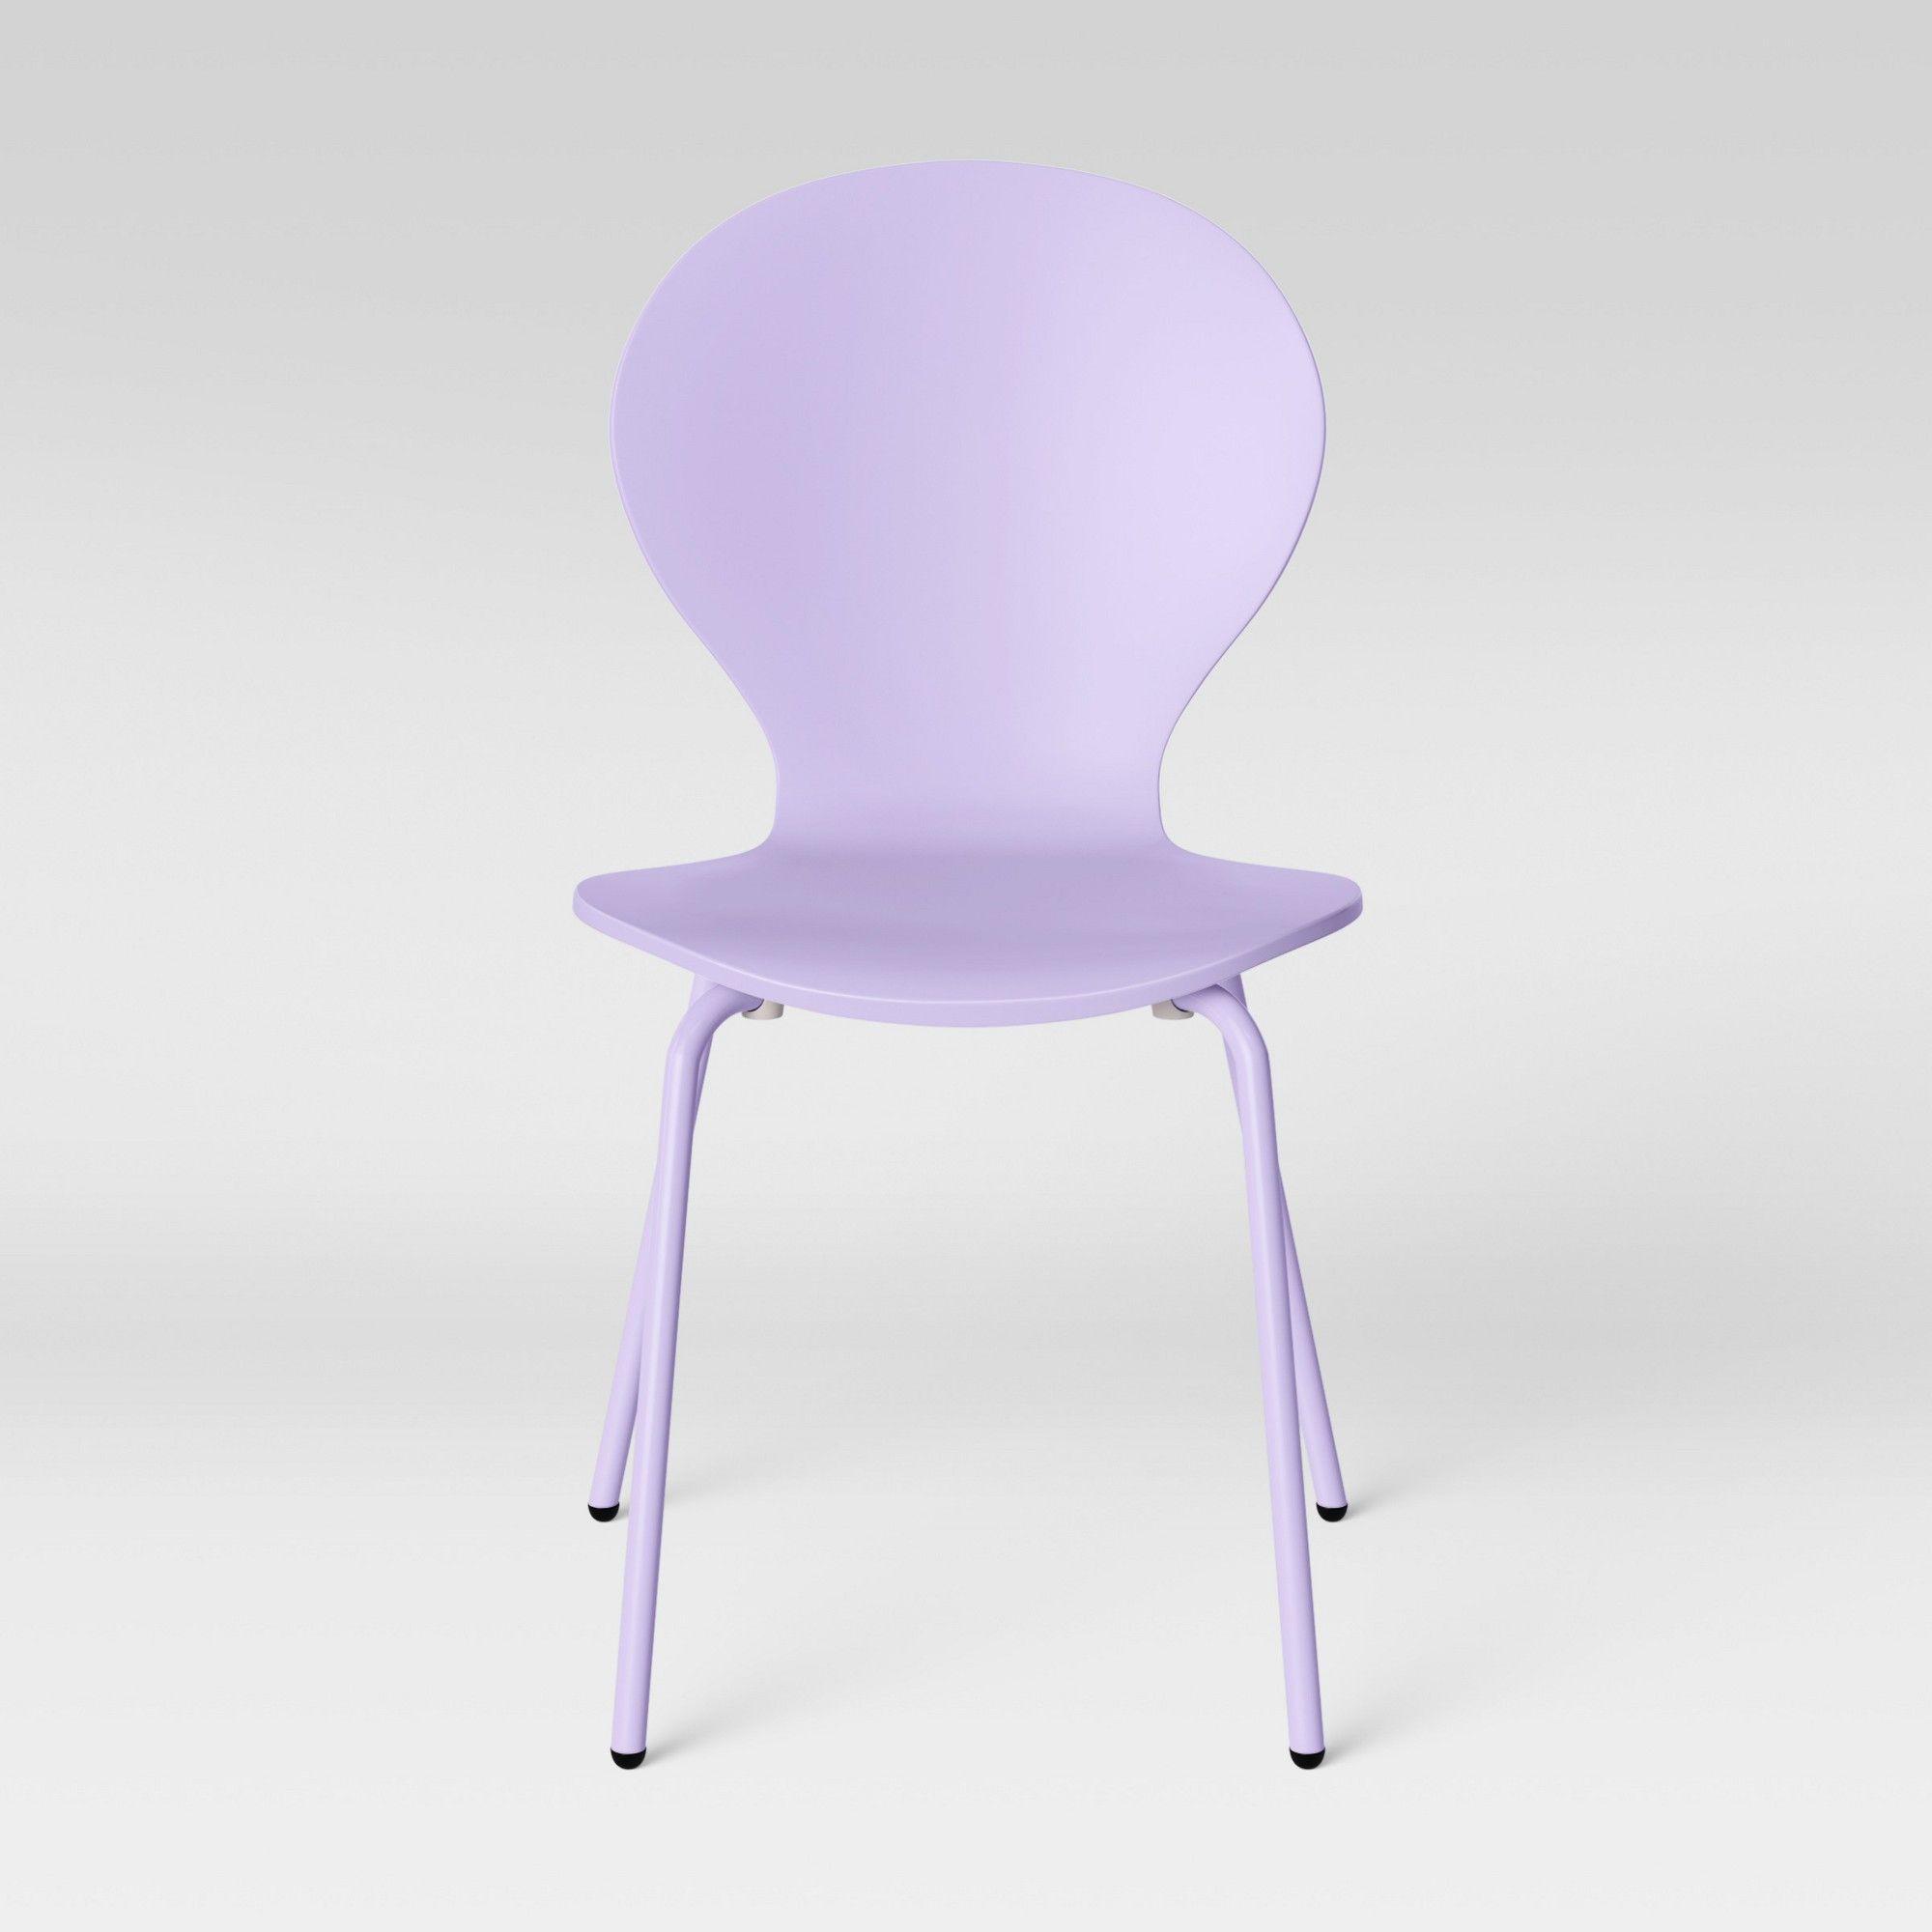 Astonishing Frankie Bentwood Kids Desk Chair Violet Pillowfort Ncnpc Chair Design For Home Ncnpcorg